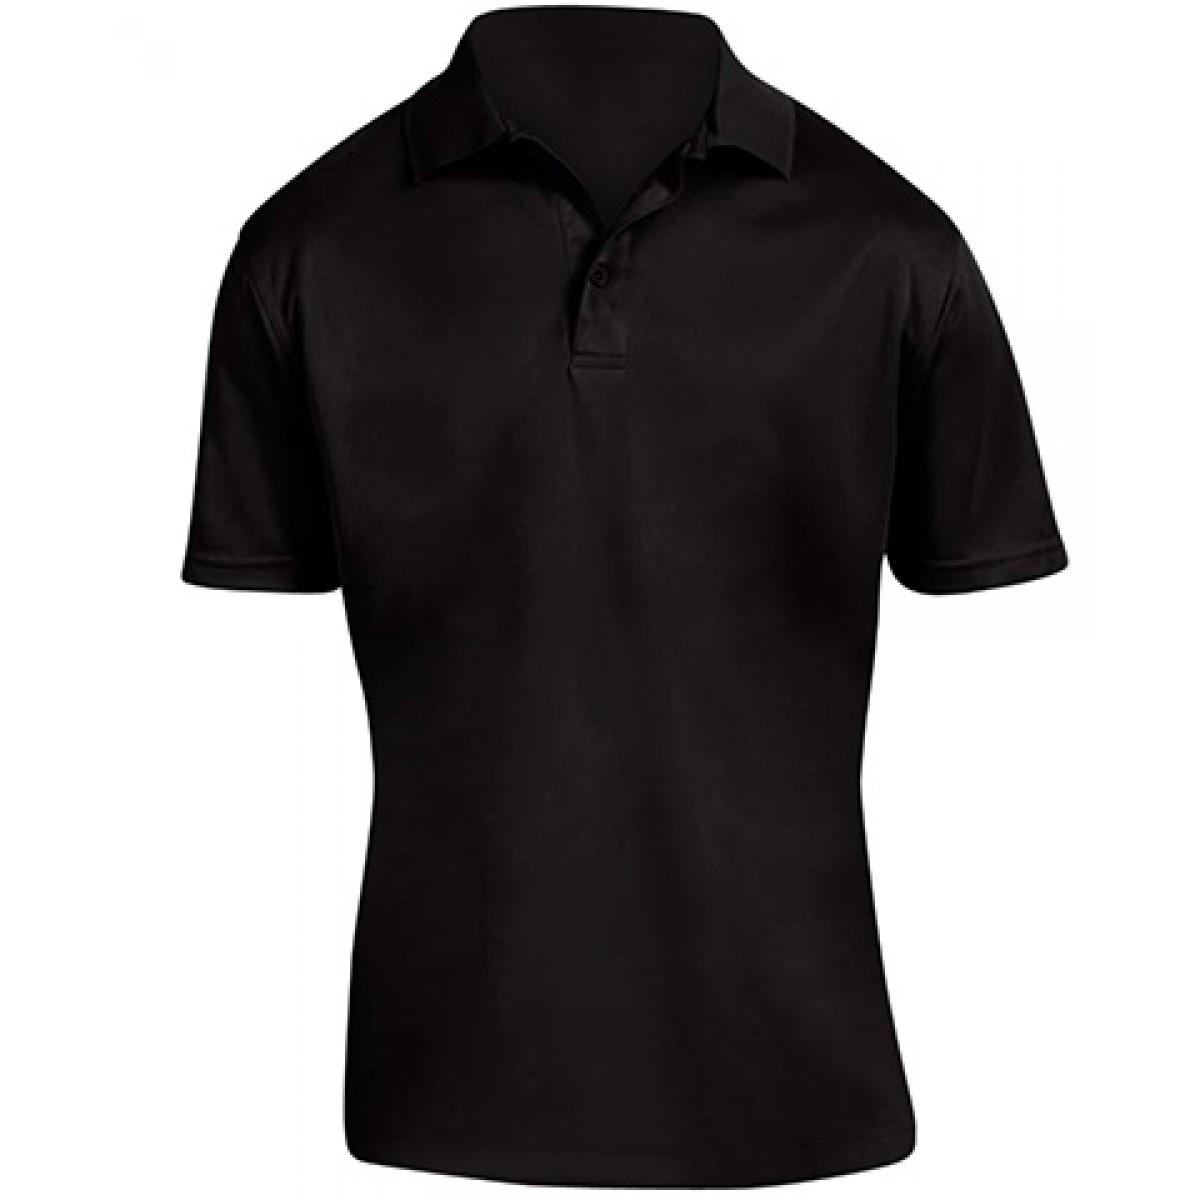 Men's 4 oz. Polytech Polo-Black-L